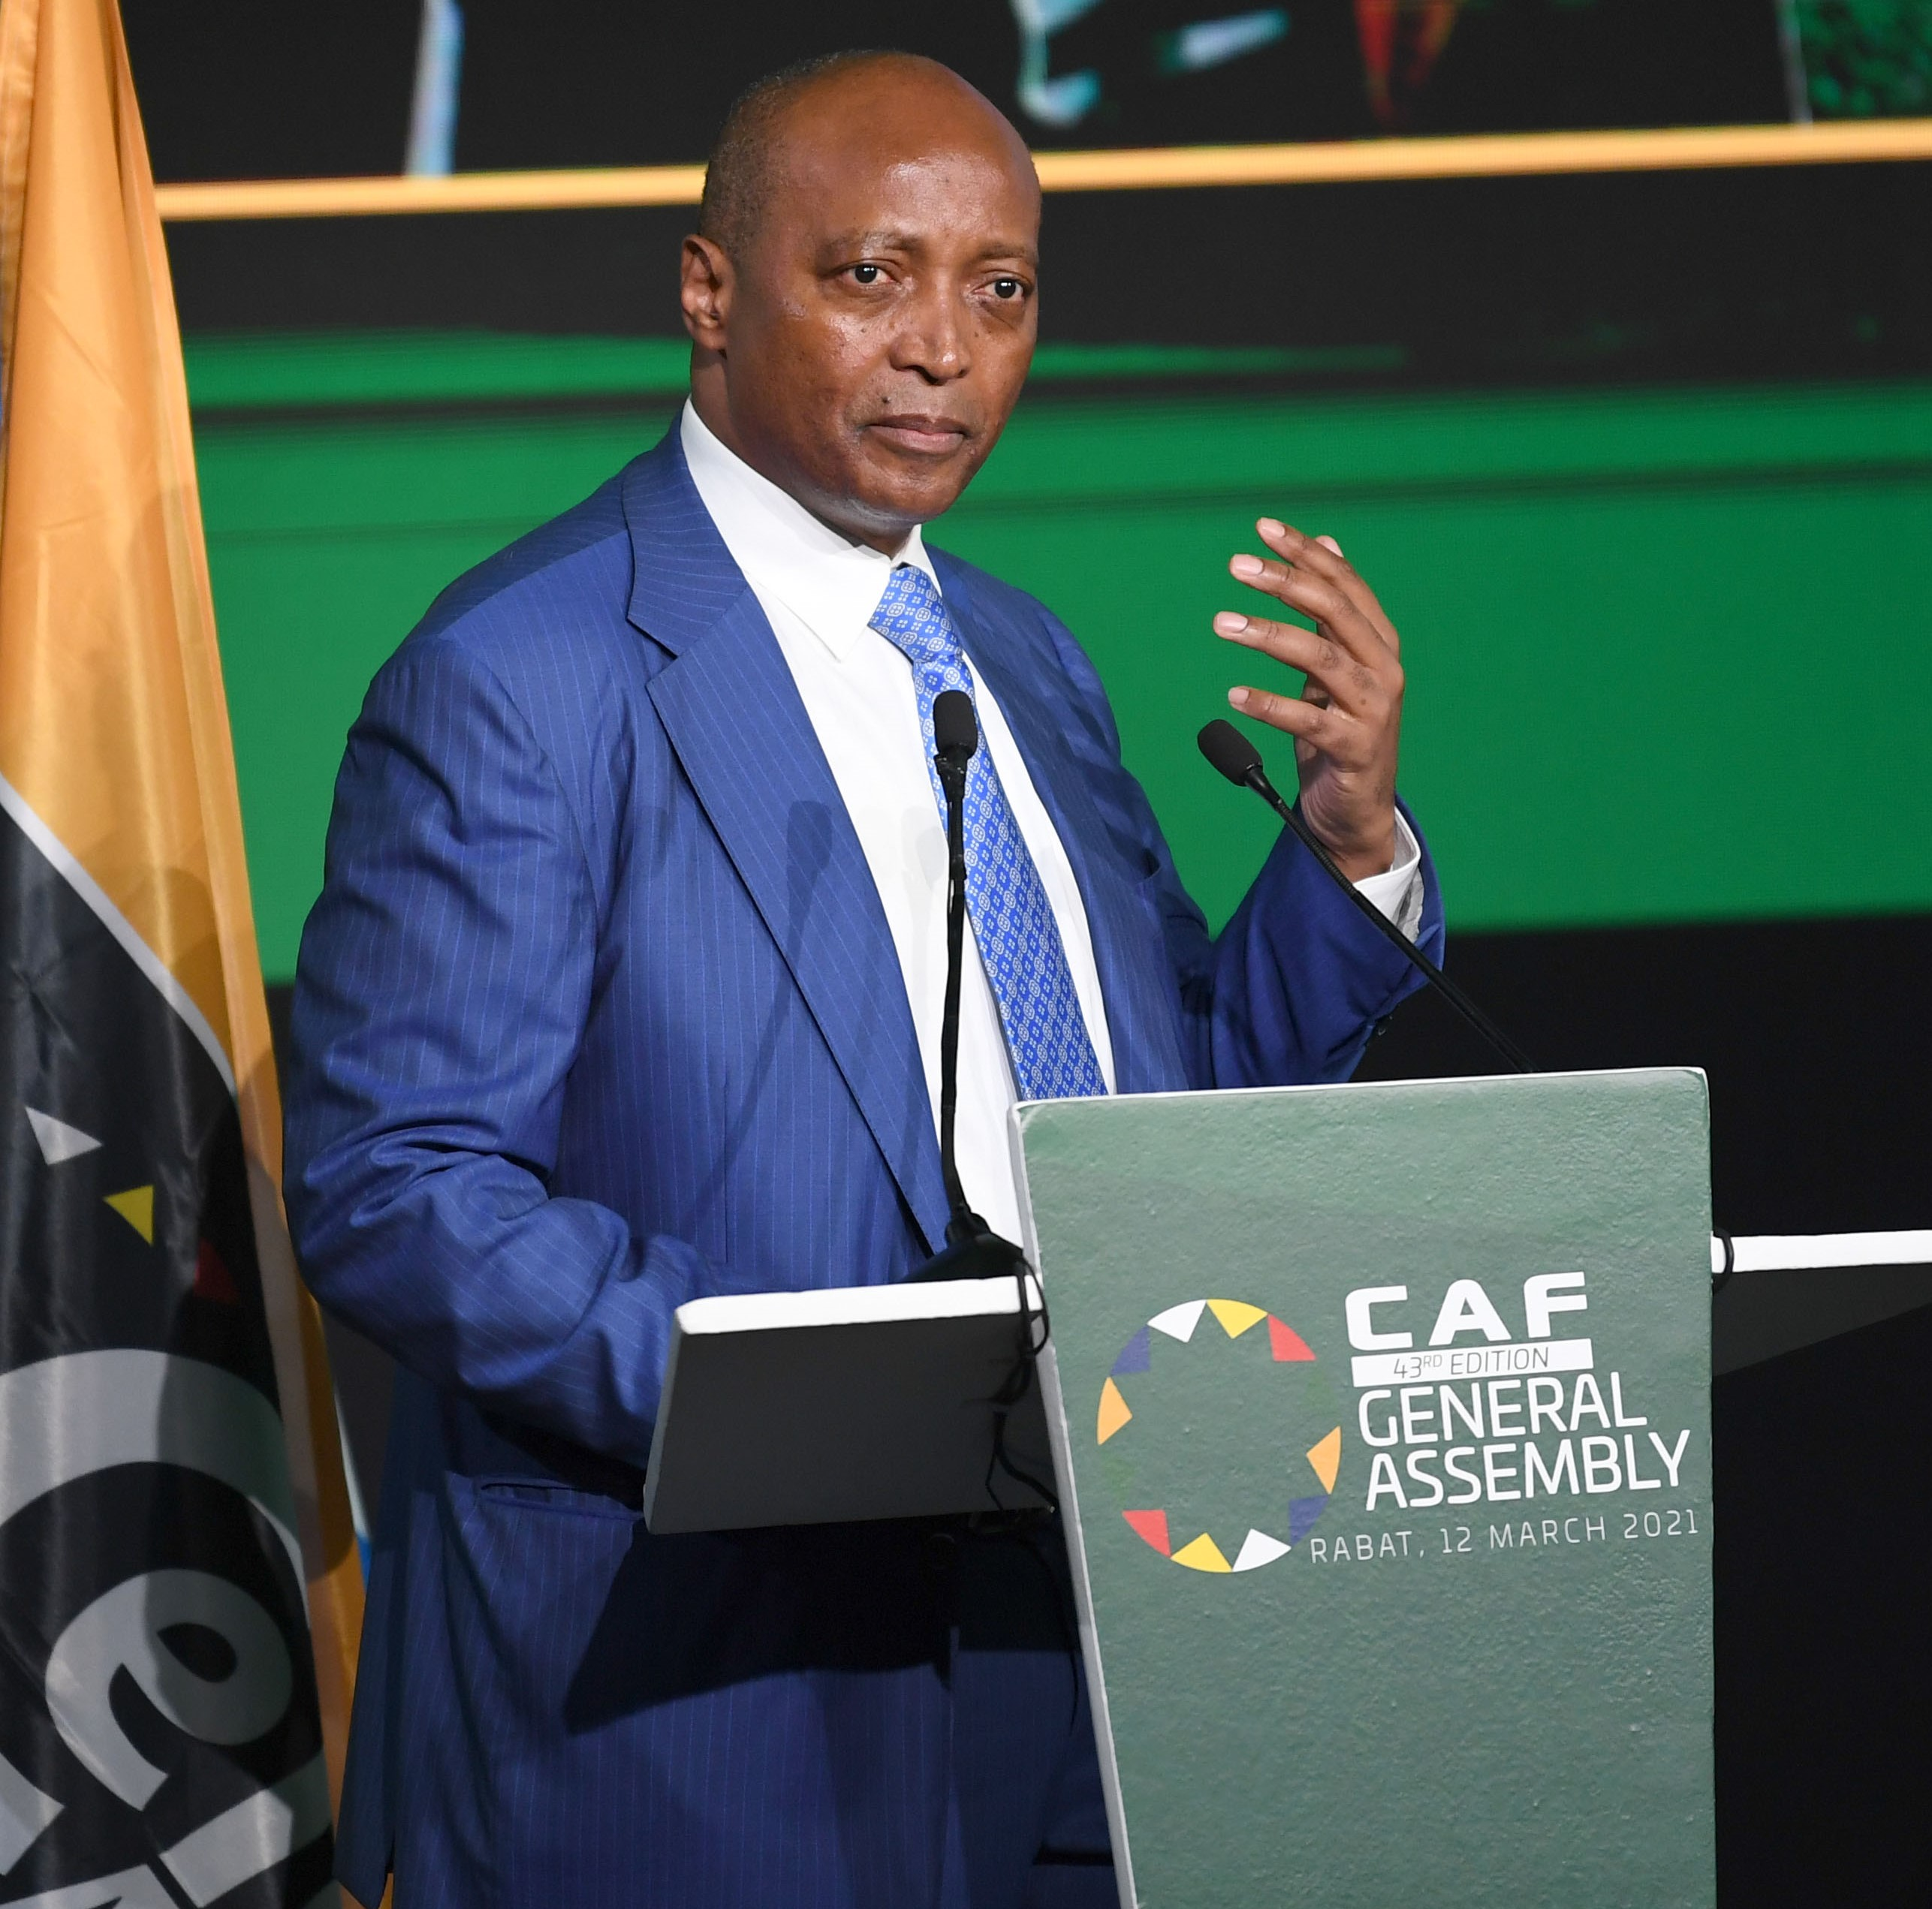 Motsepe élu président de la CAF par acclamation